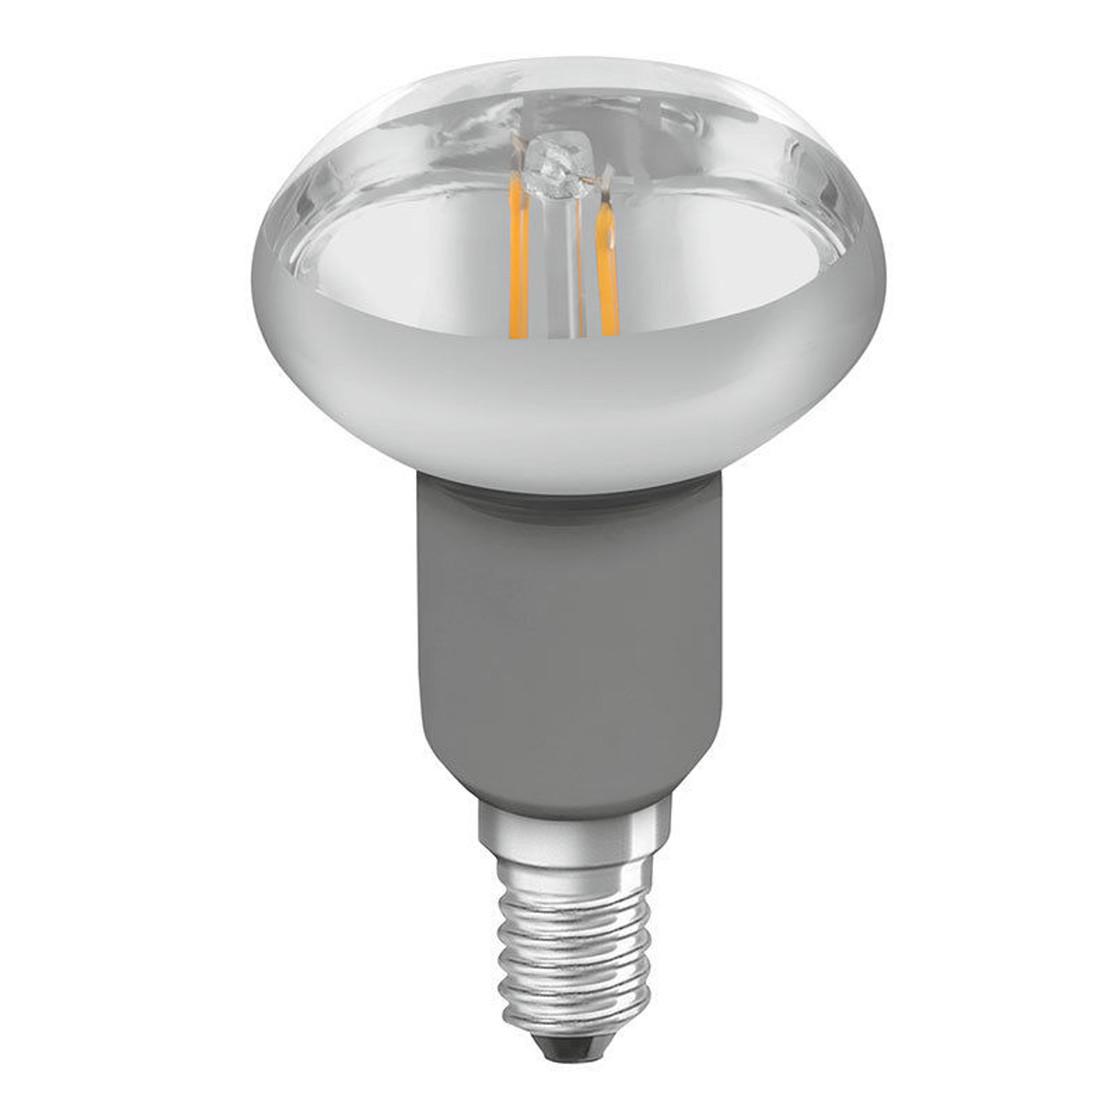 osram led superstar r50 reflektorlampe strahler dimmbar e14 3 5w 24 5 99. Black Bedroom Furniture Sets. Home Design Ideas